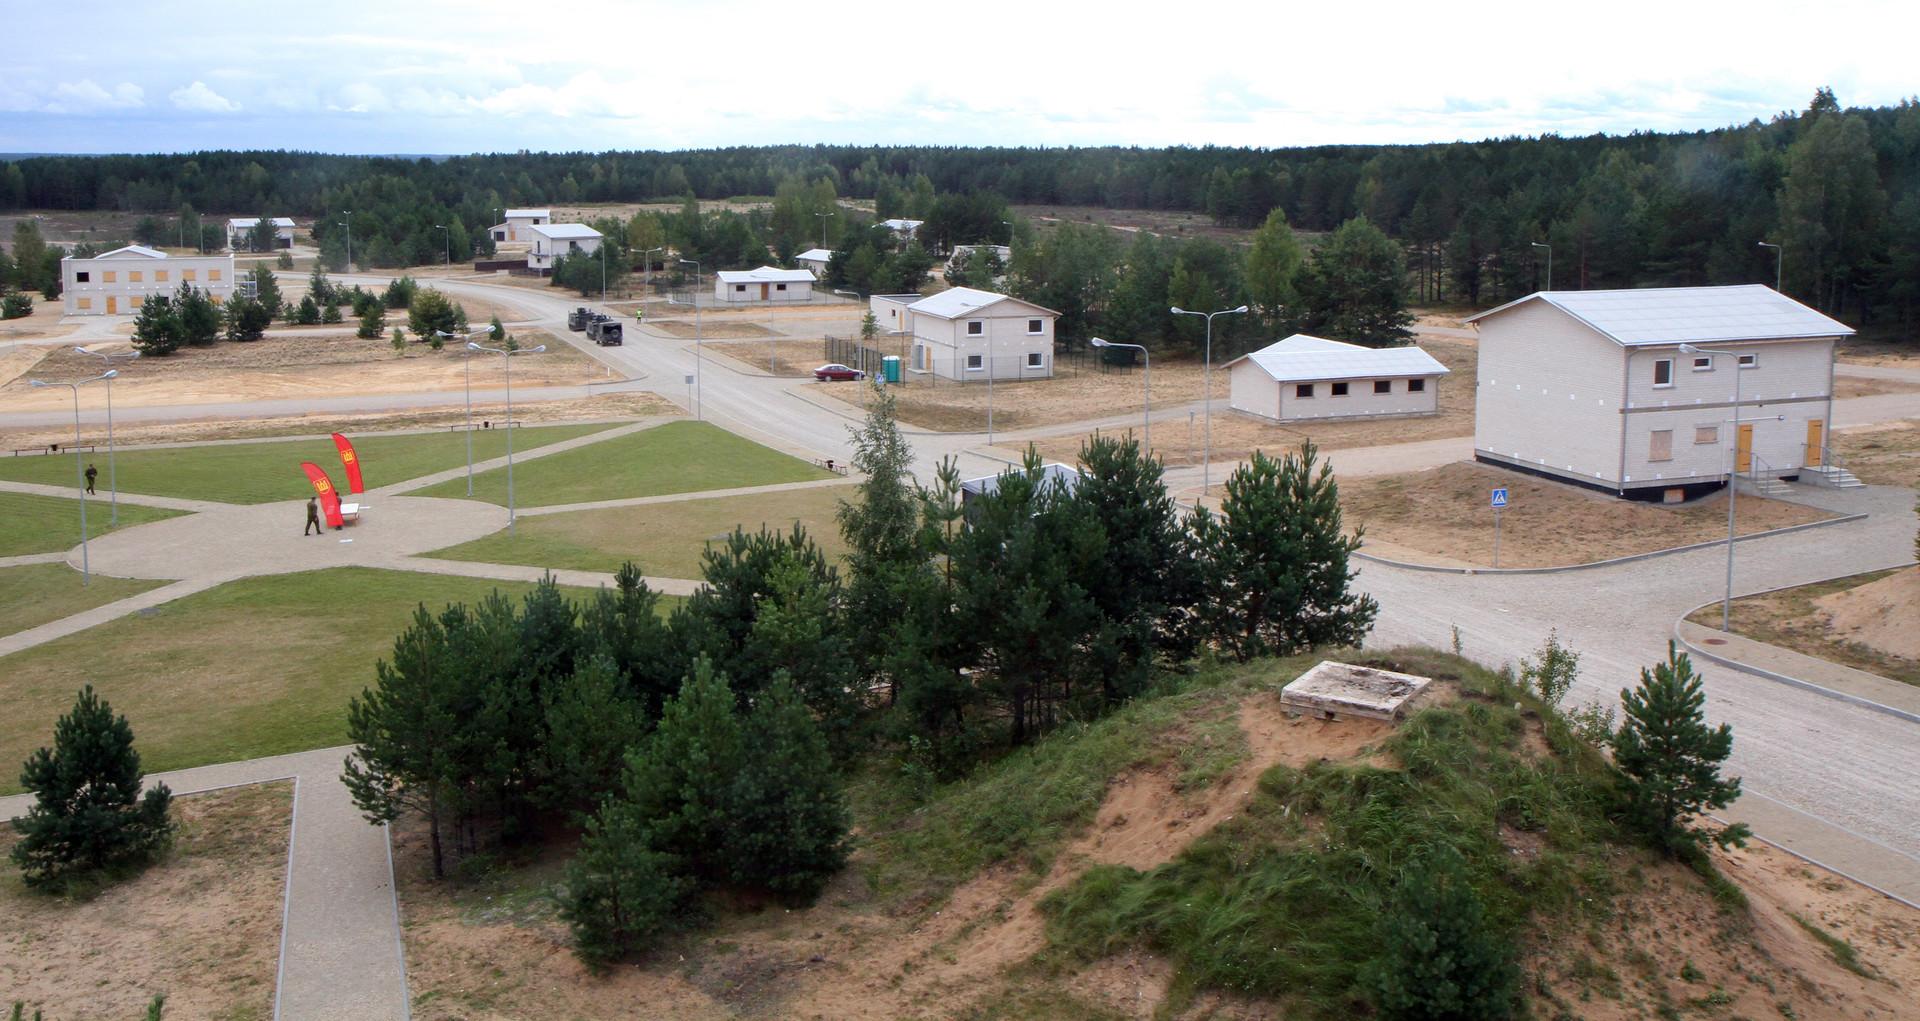 Общий вид на тренировочный центр Пабраде, Литва.